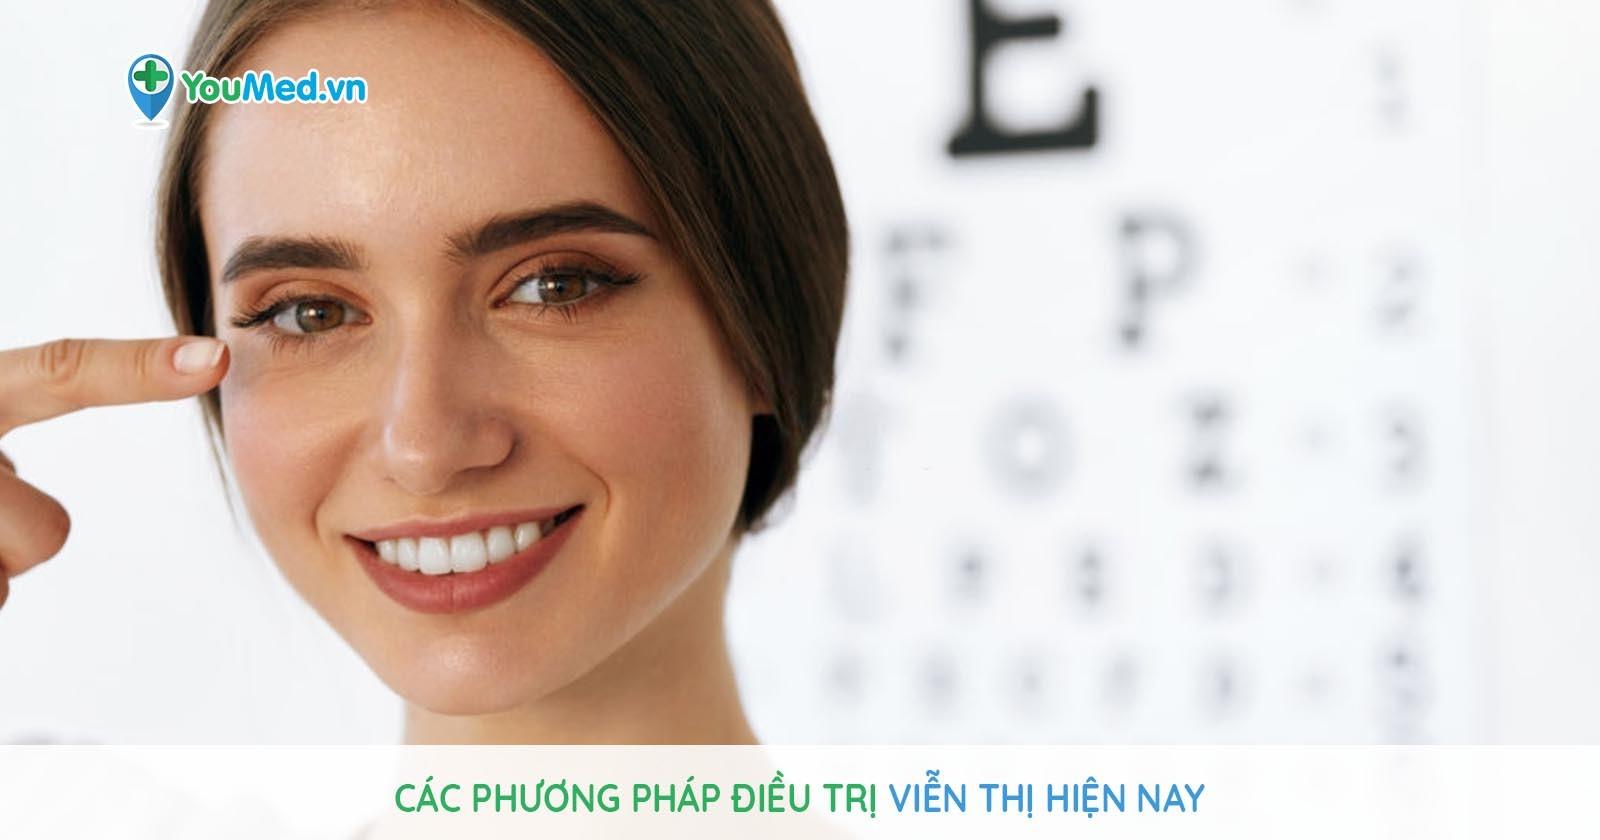 Các phương pháp điều trị viễn thị hiện nay